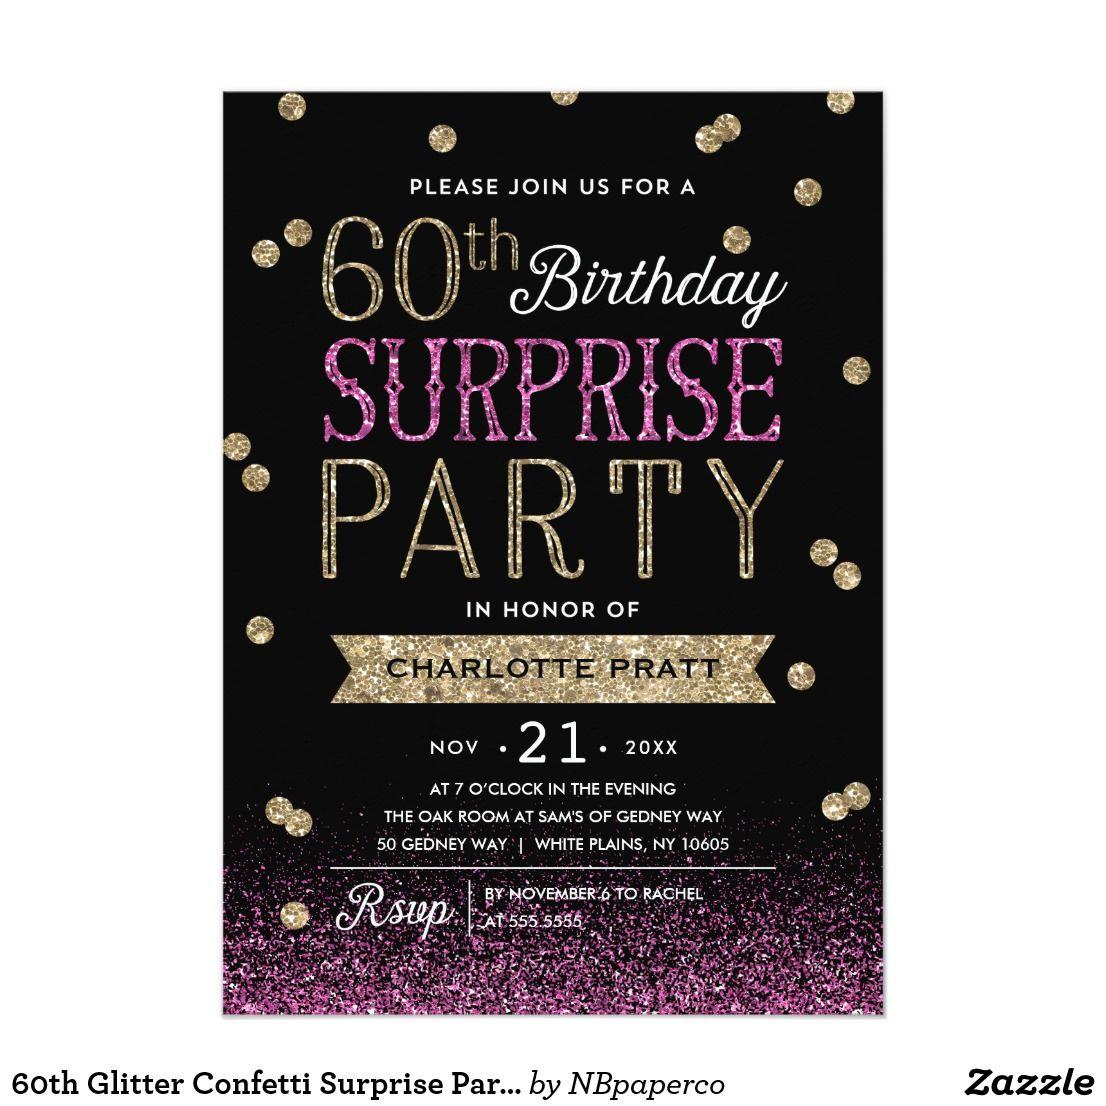 60th glitter confetti surprise party invitation zazzle